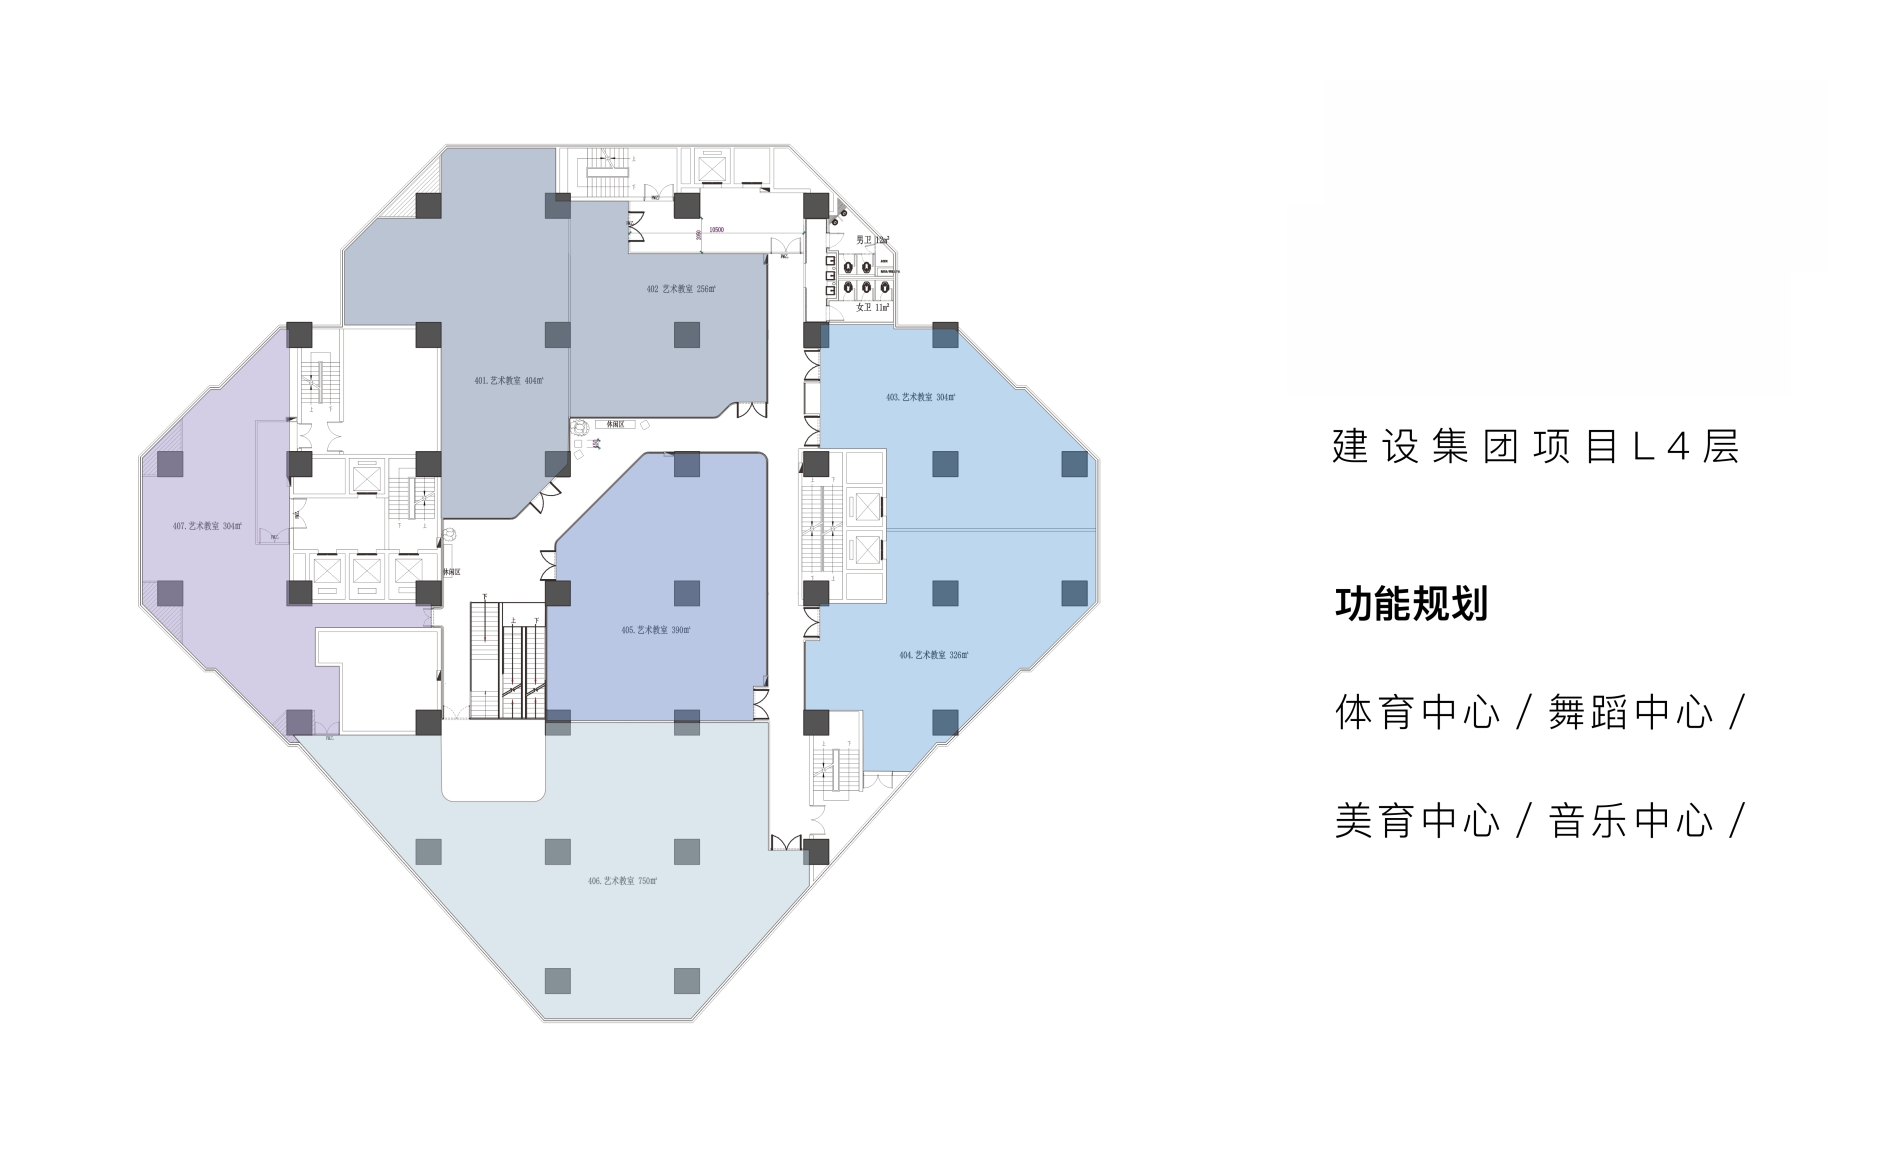 平面布置图004.jpg